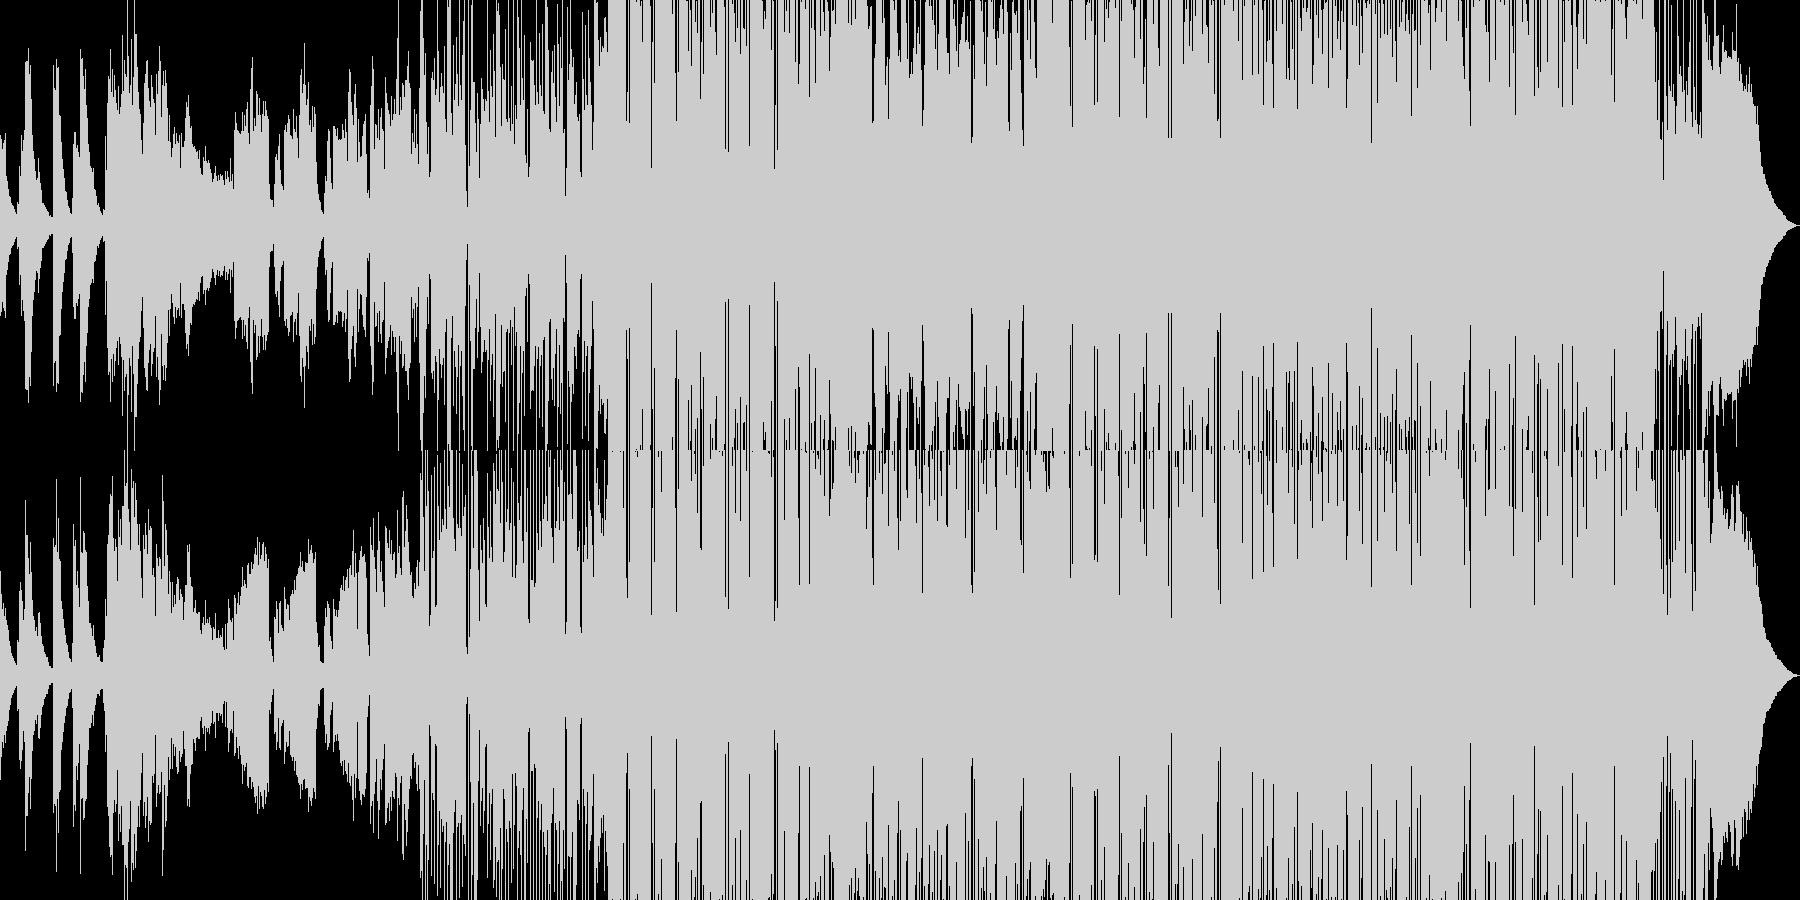 エレピが印象的なスイングポップの未再生の波形